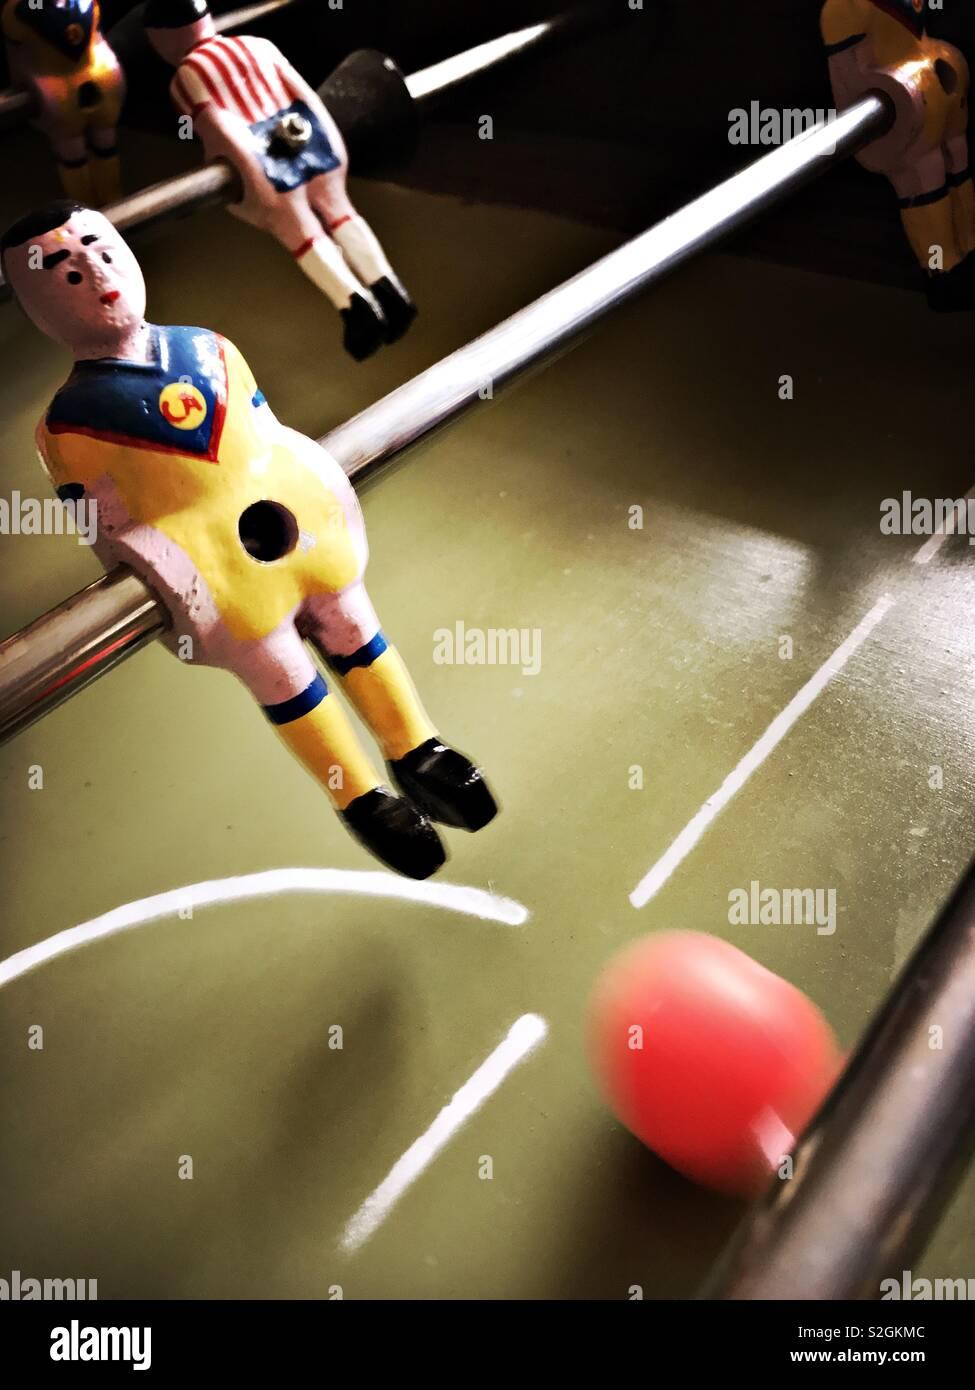 Un Club America futbolito figura Patea la bola hacia el campo de la mesa durante un trepidante juego contra el rival del equipo Chivas. Imagen De Stock